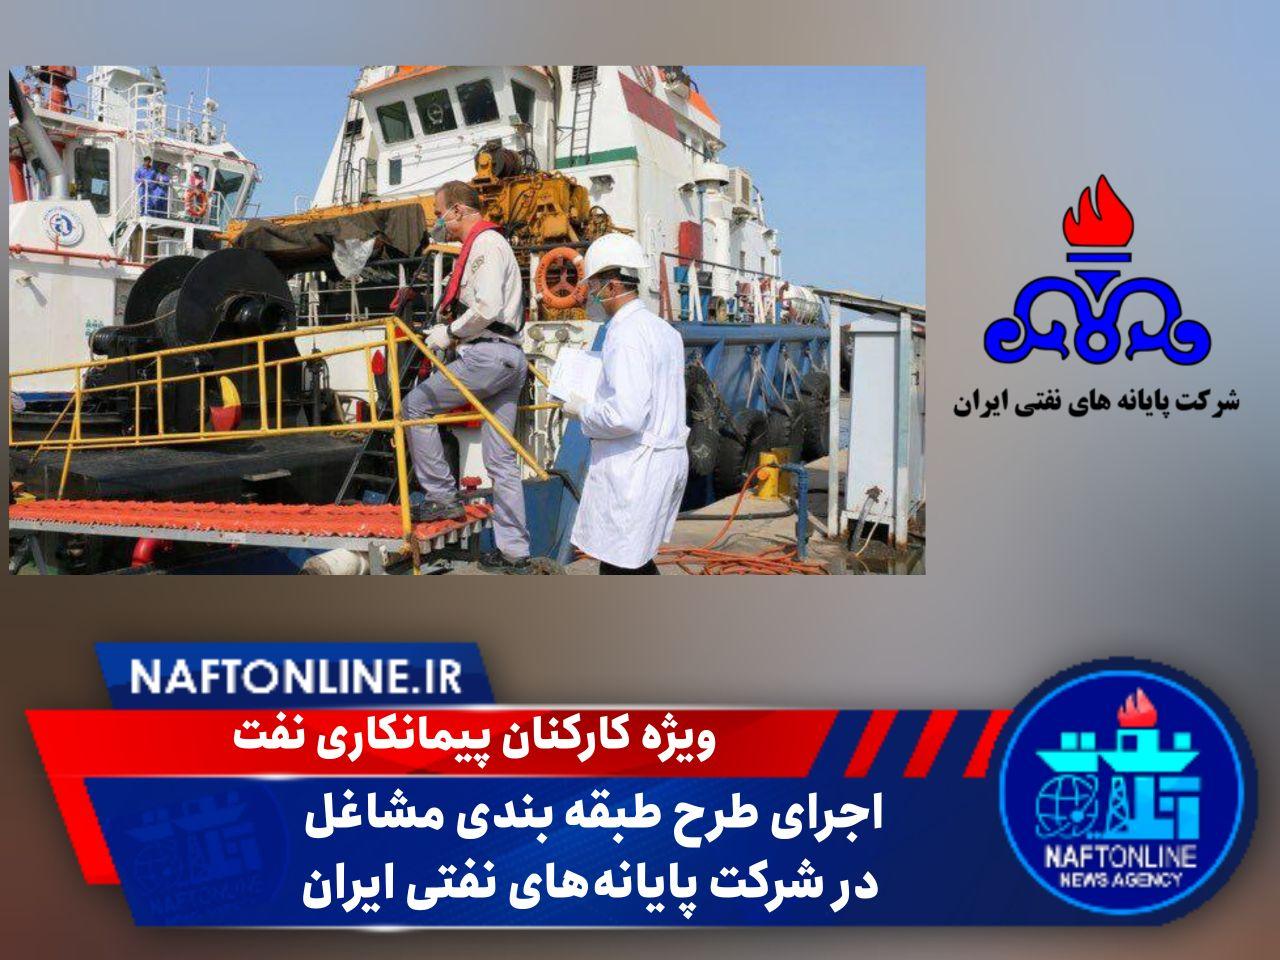 شرکت پایانه های نفتی ایران | نفت آنلاین